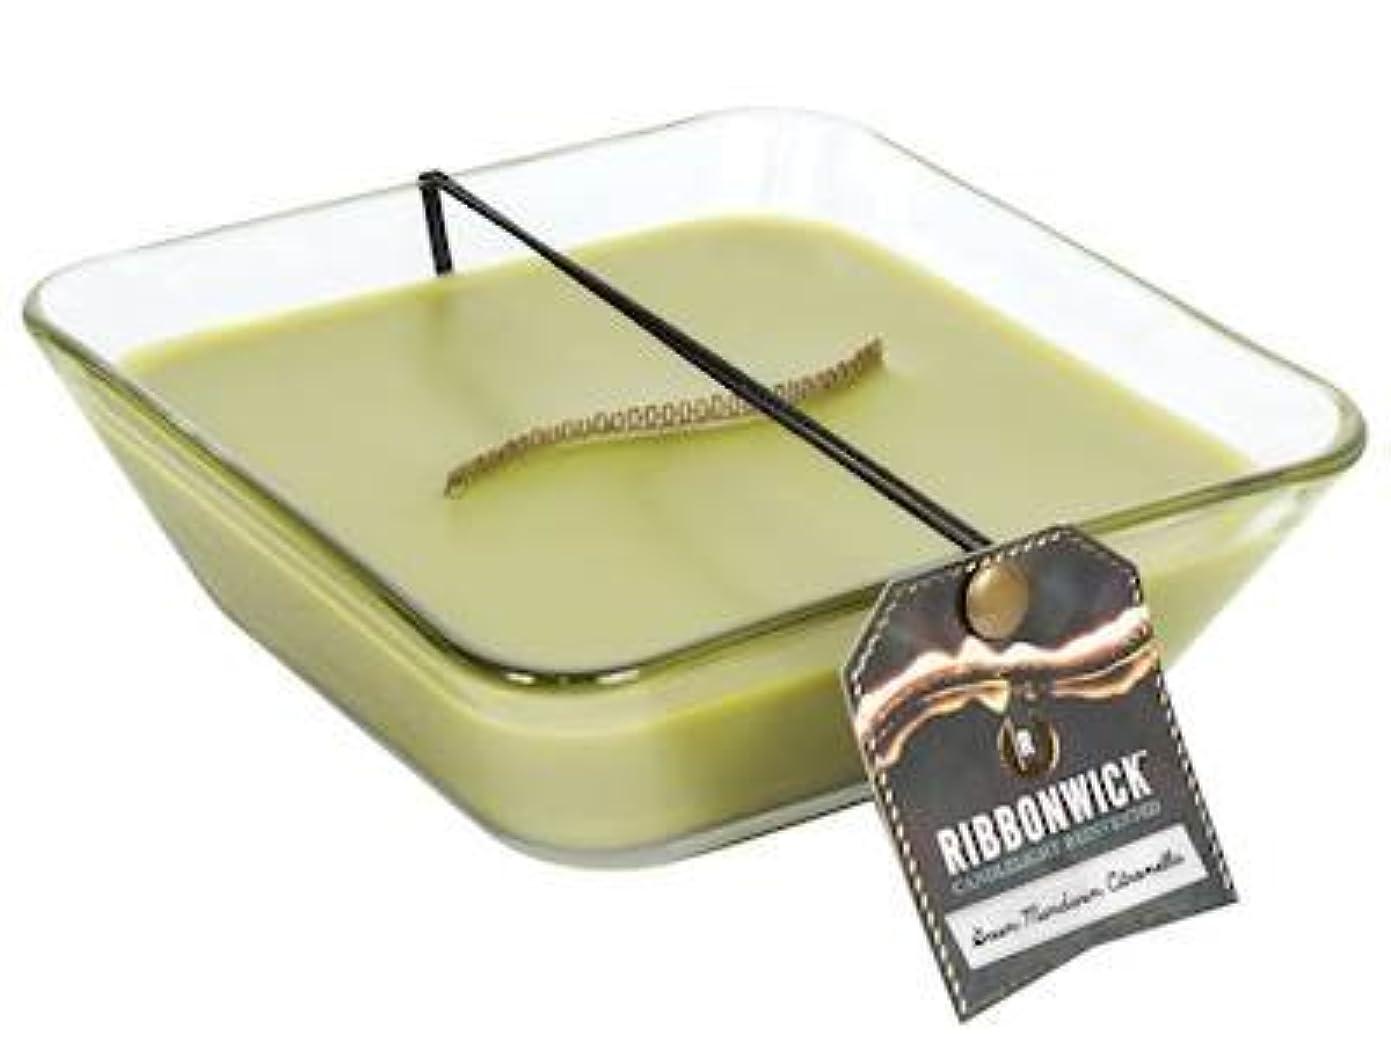 薄汚い麦芽急行するグリーンマンダリンシトロネラ装飾ガラスMedium RibbonWick Scented Candle – アウトドアコレクション